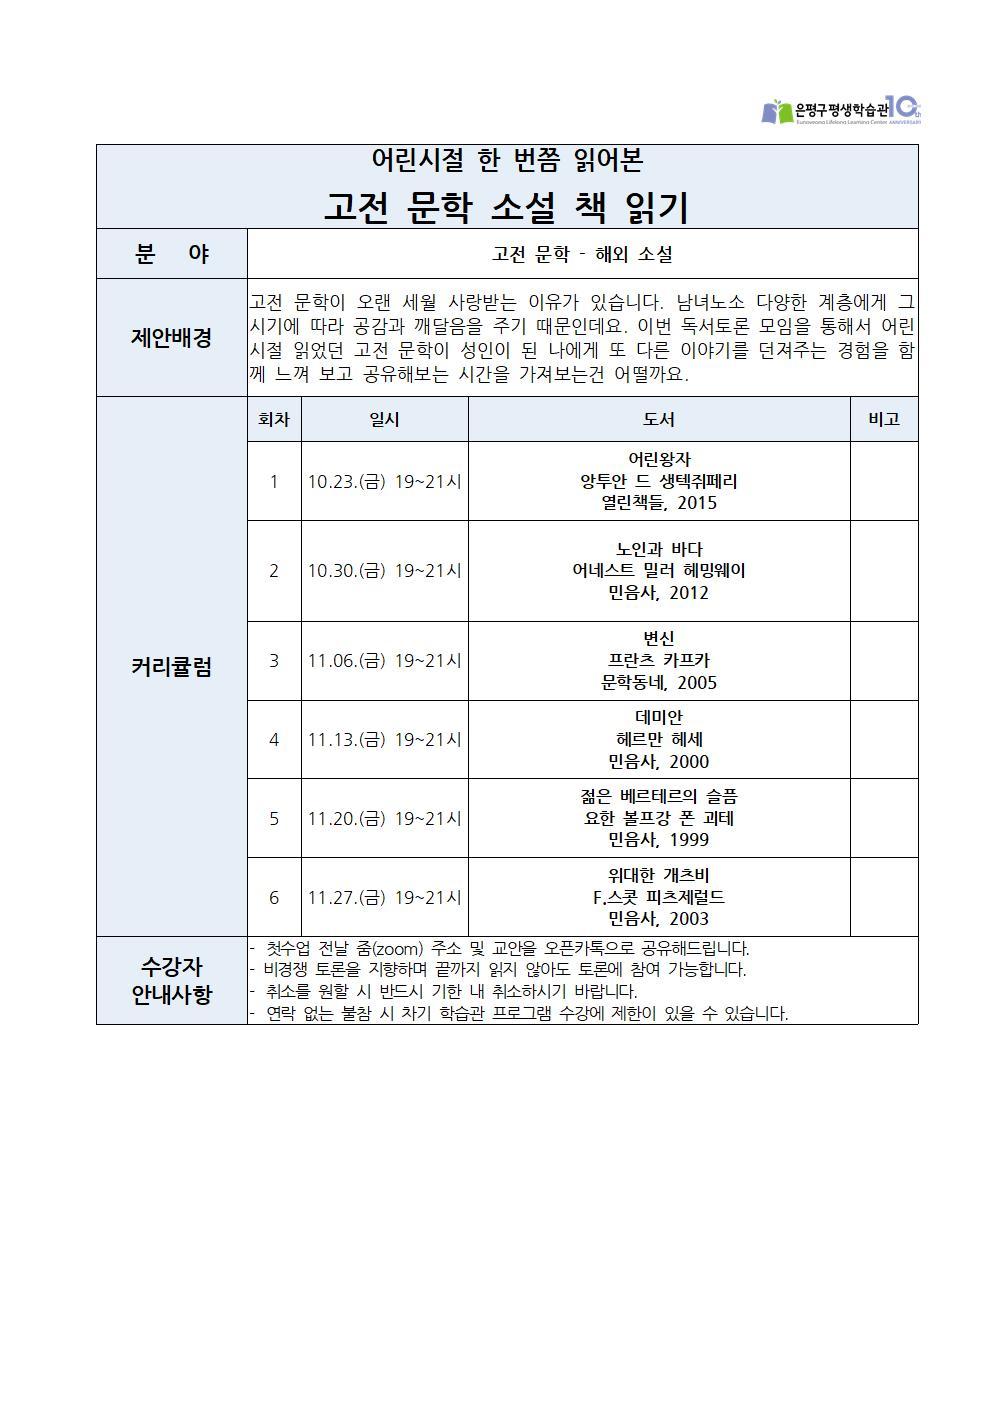 1. 은평북살롱 기획단 책모임 기획안_손보경_최종(9001.jpg